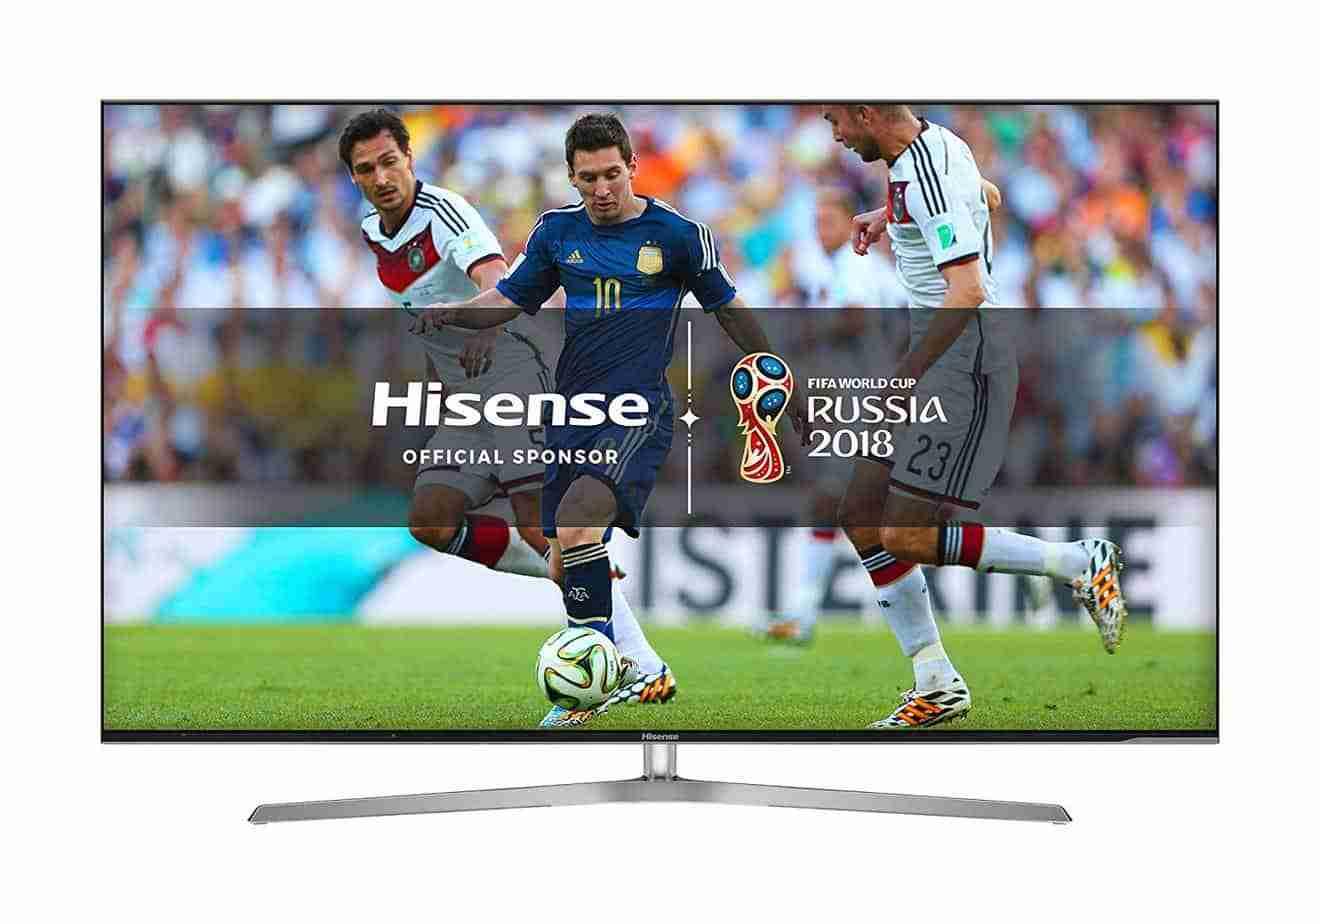 Hisense U7A 4K Ultra HD ULED Smart TV Amazon UK HDR 2018